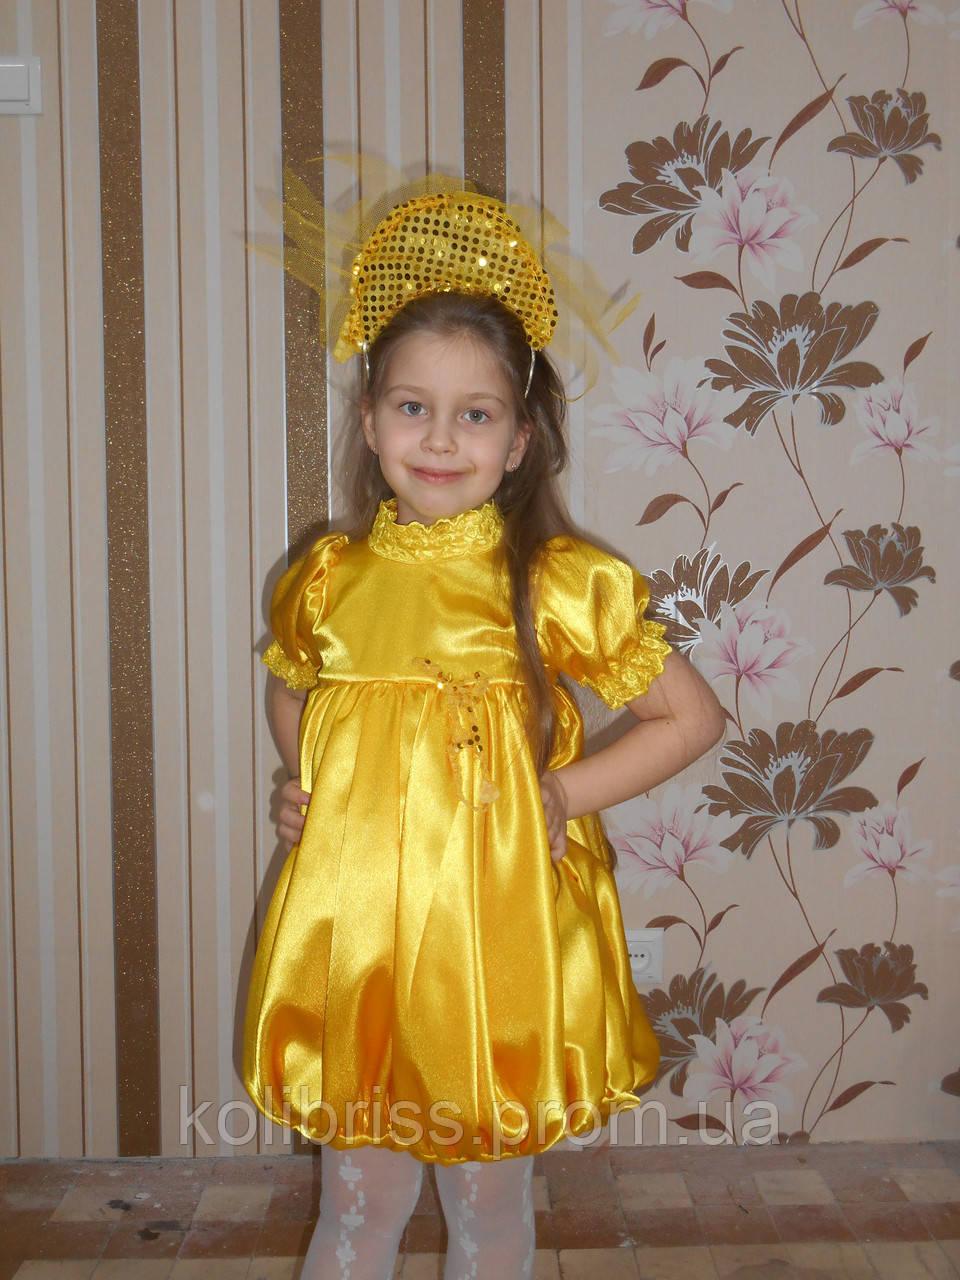 Карнавальный костюм солнце, солнышко , лучик прокат Киеват